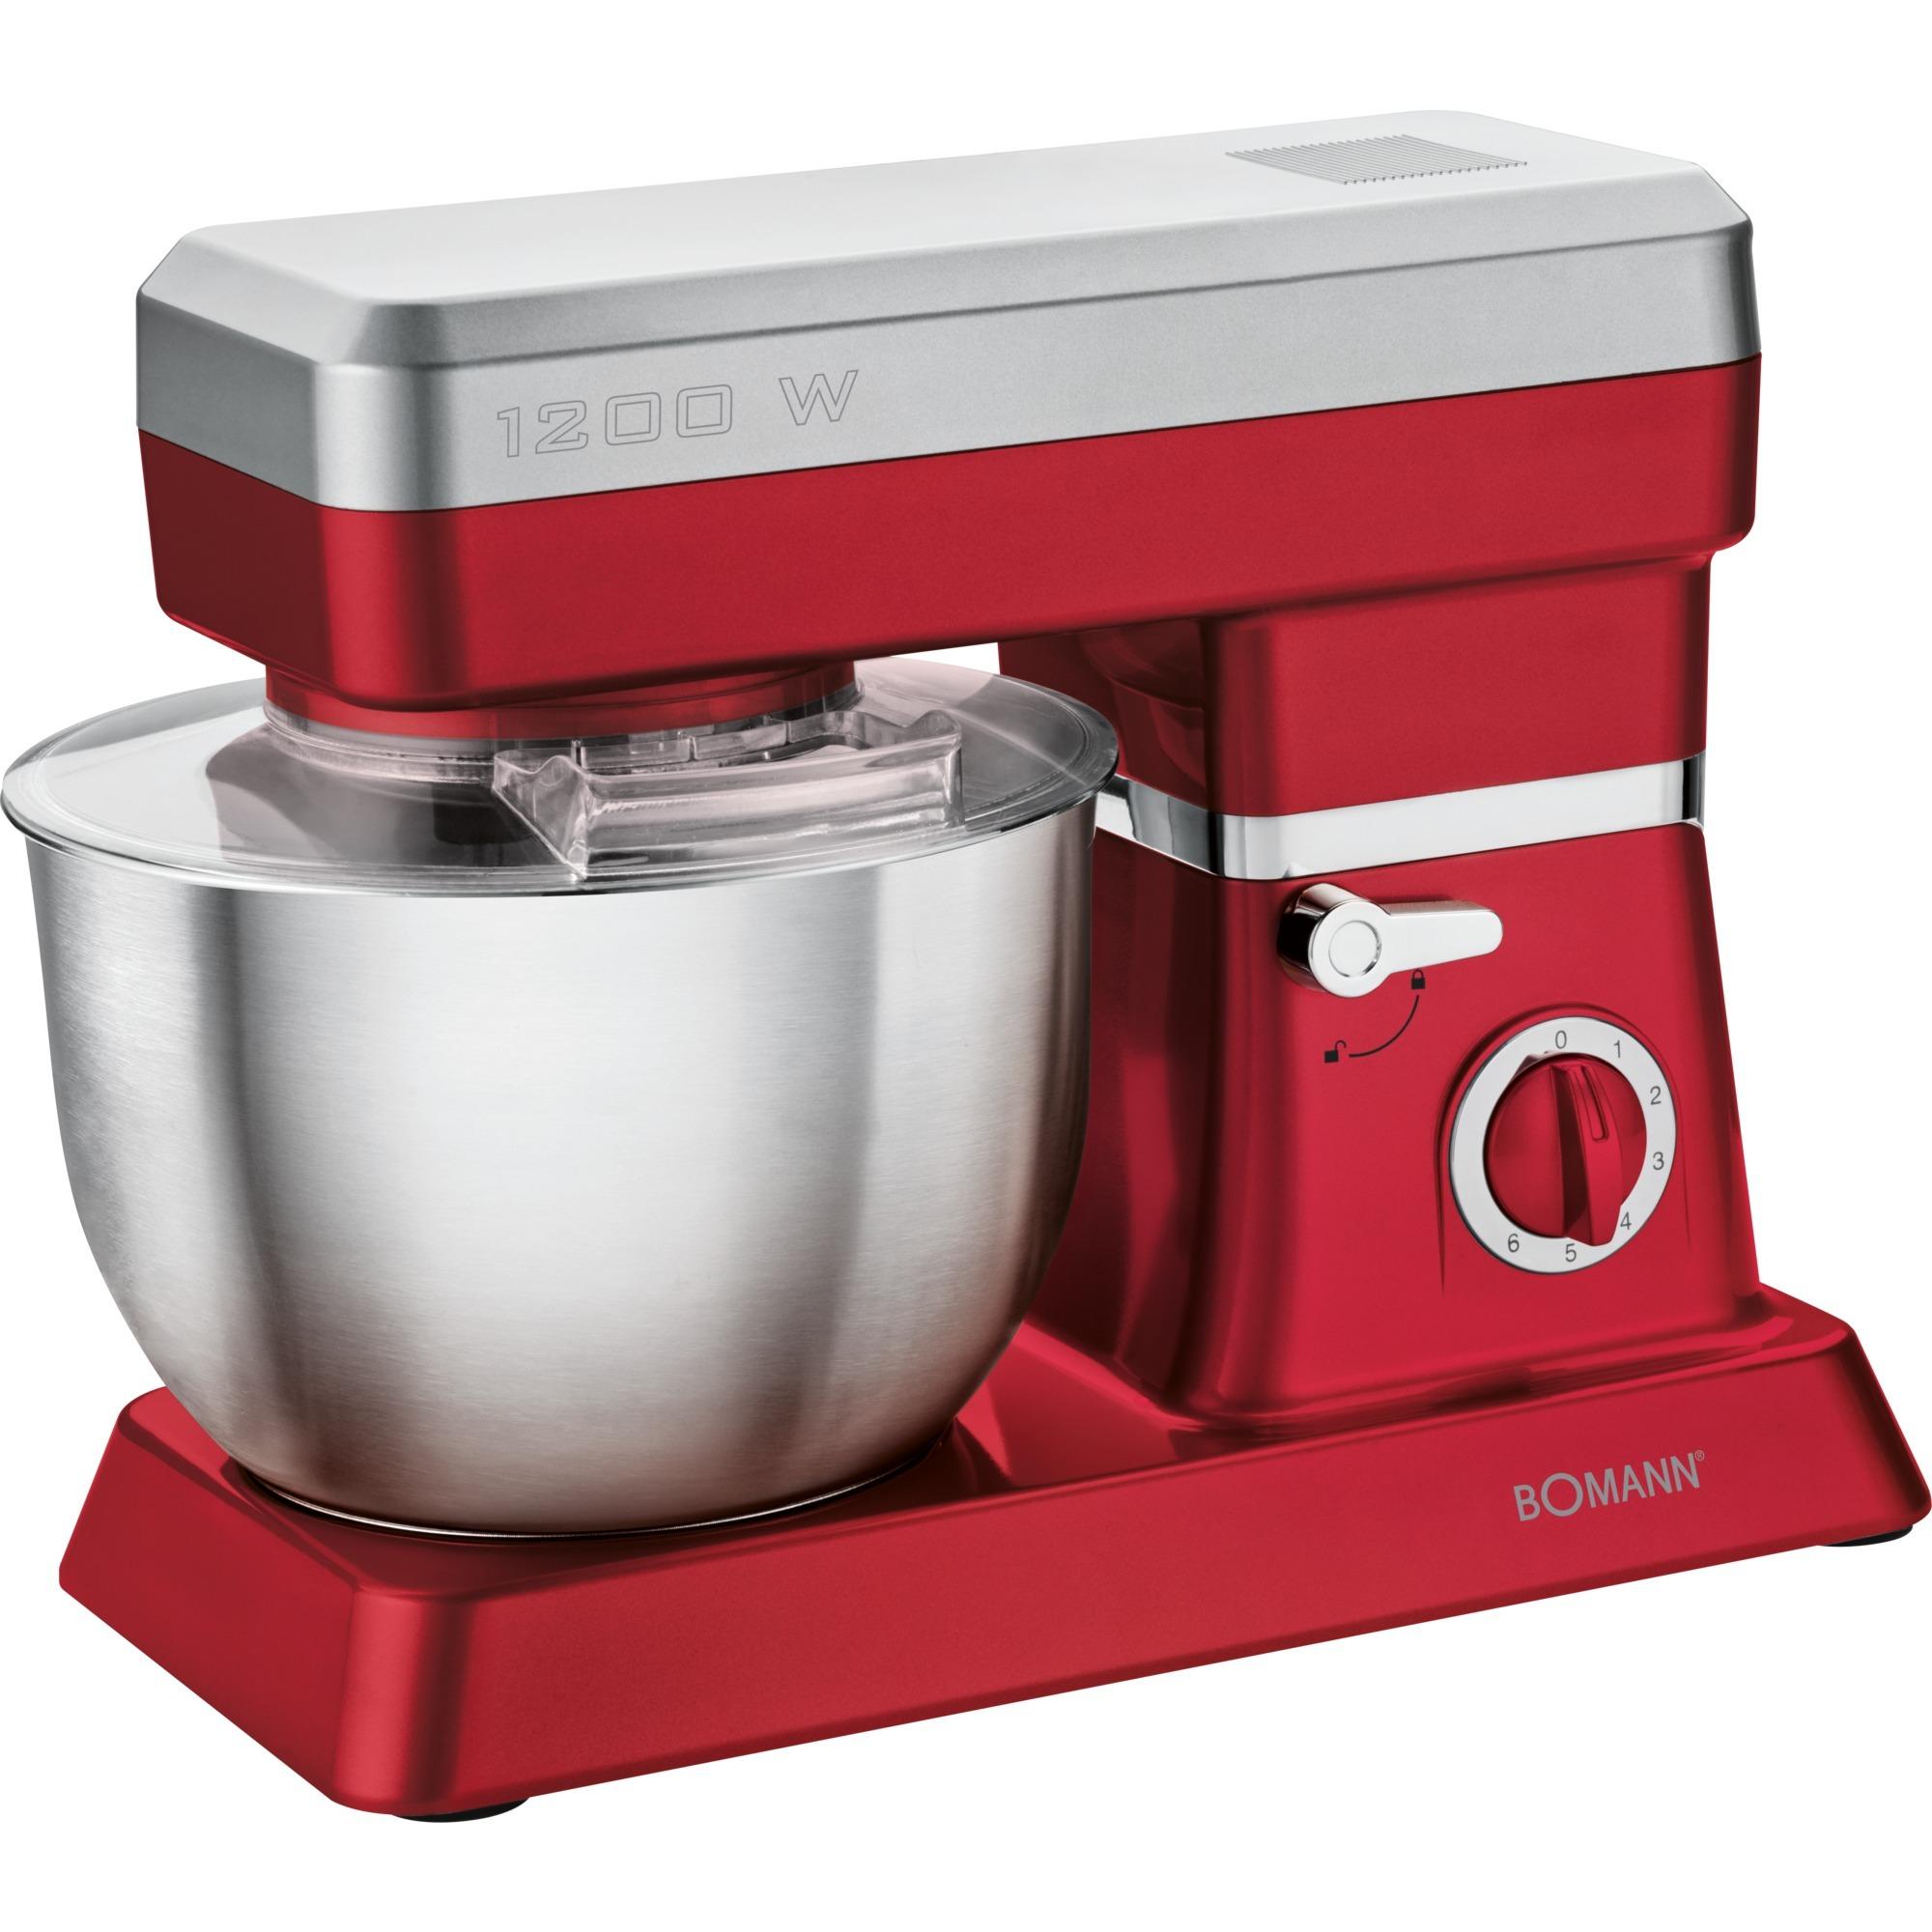 603986, Robot de cocina